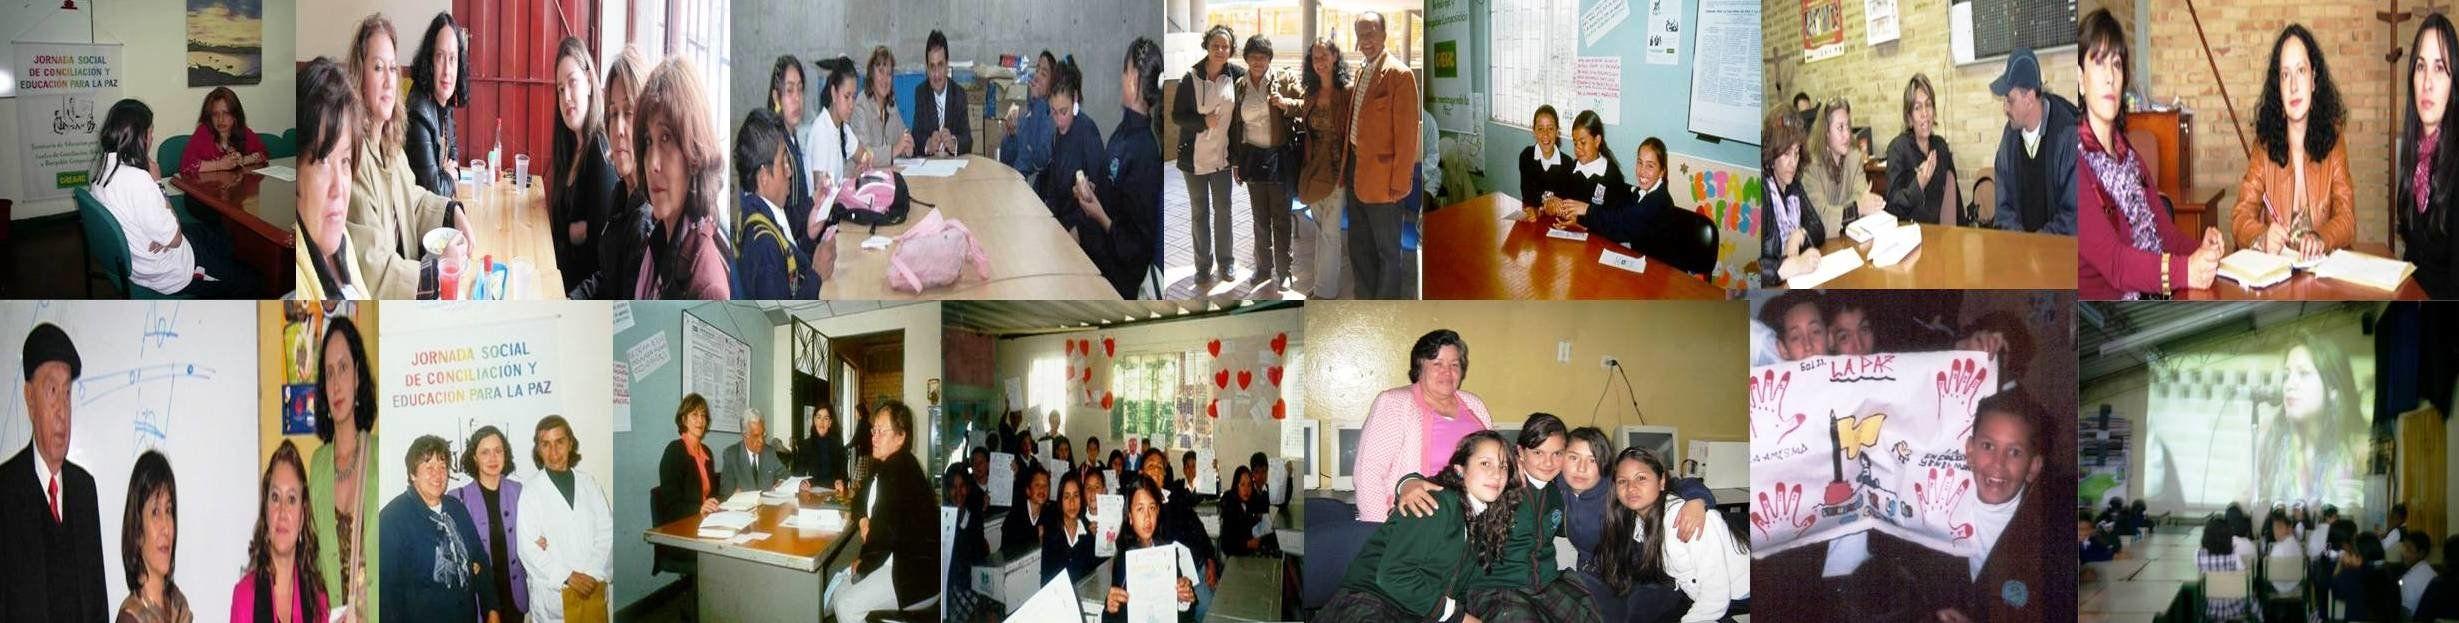 collage-proyecto-de-conciliacion-y-mediacion-escolar-crearc